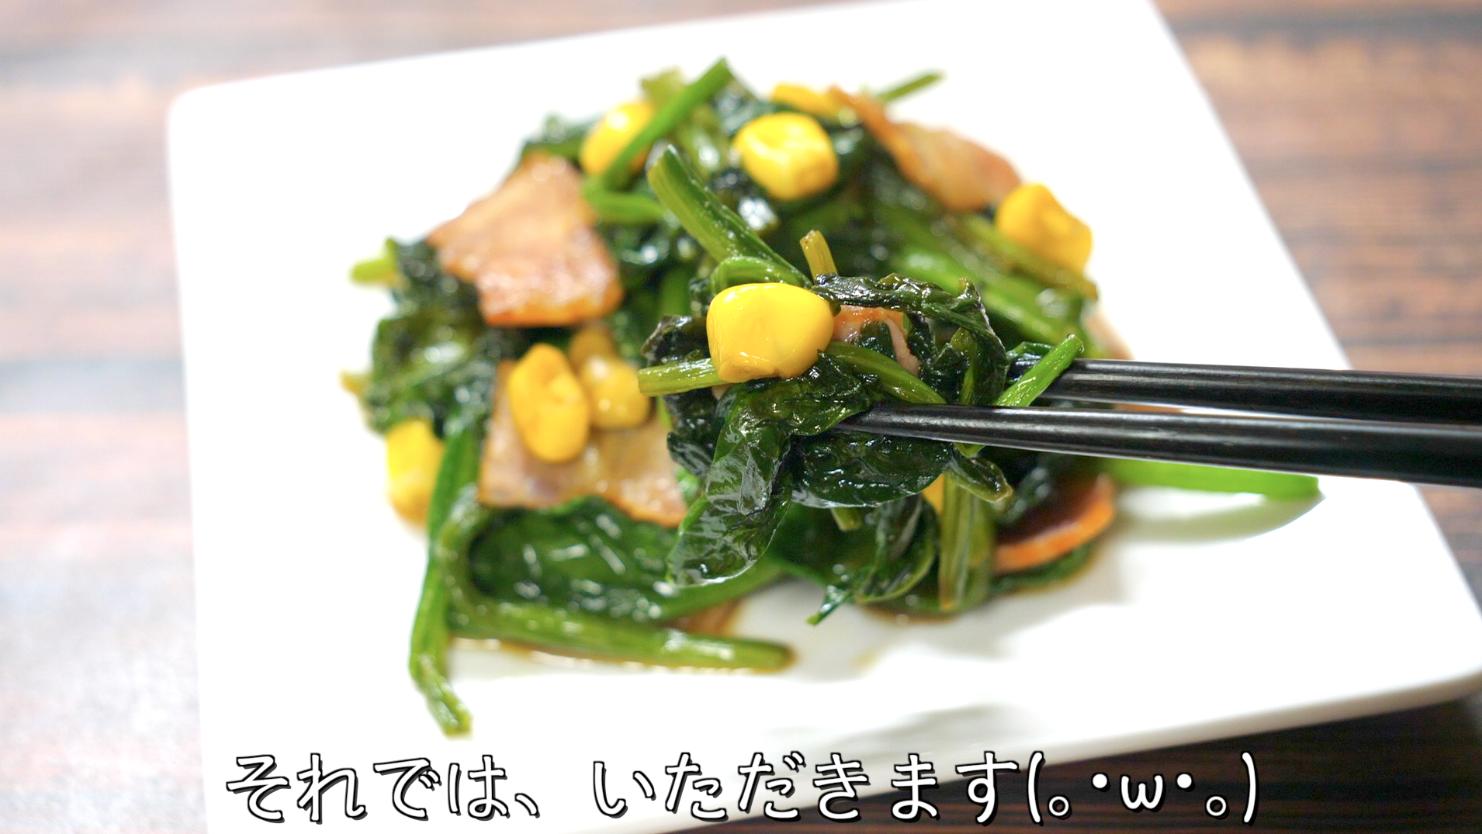 ほうれん草 ベーコン レシピ